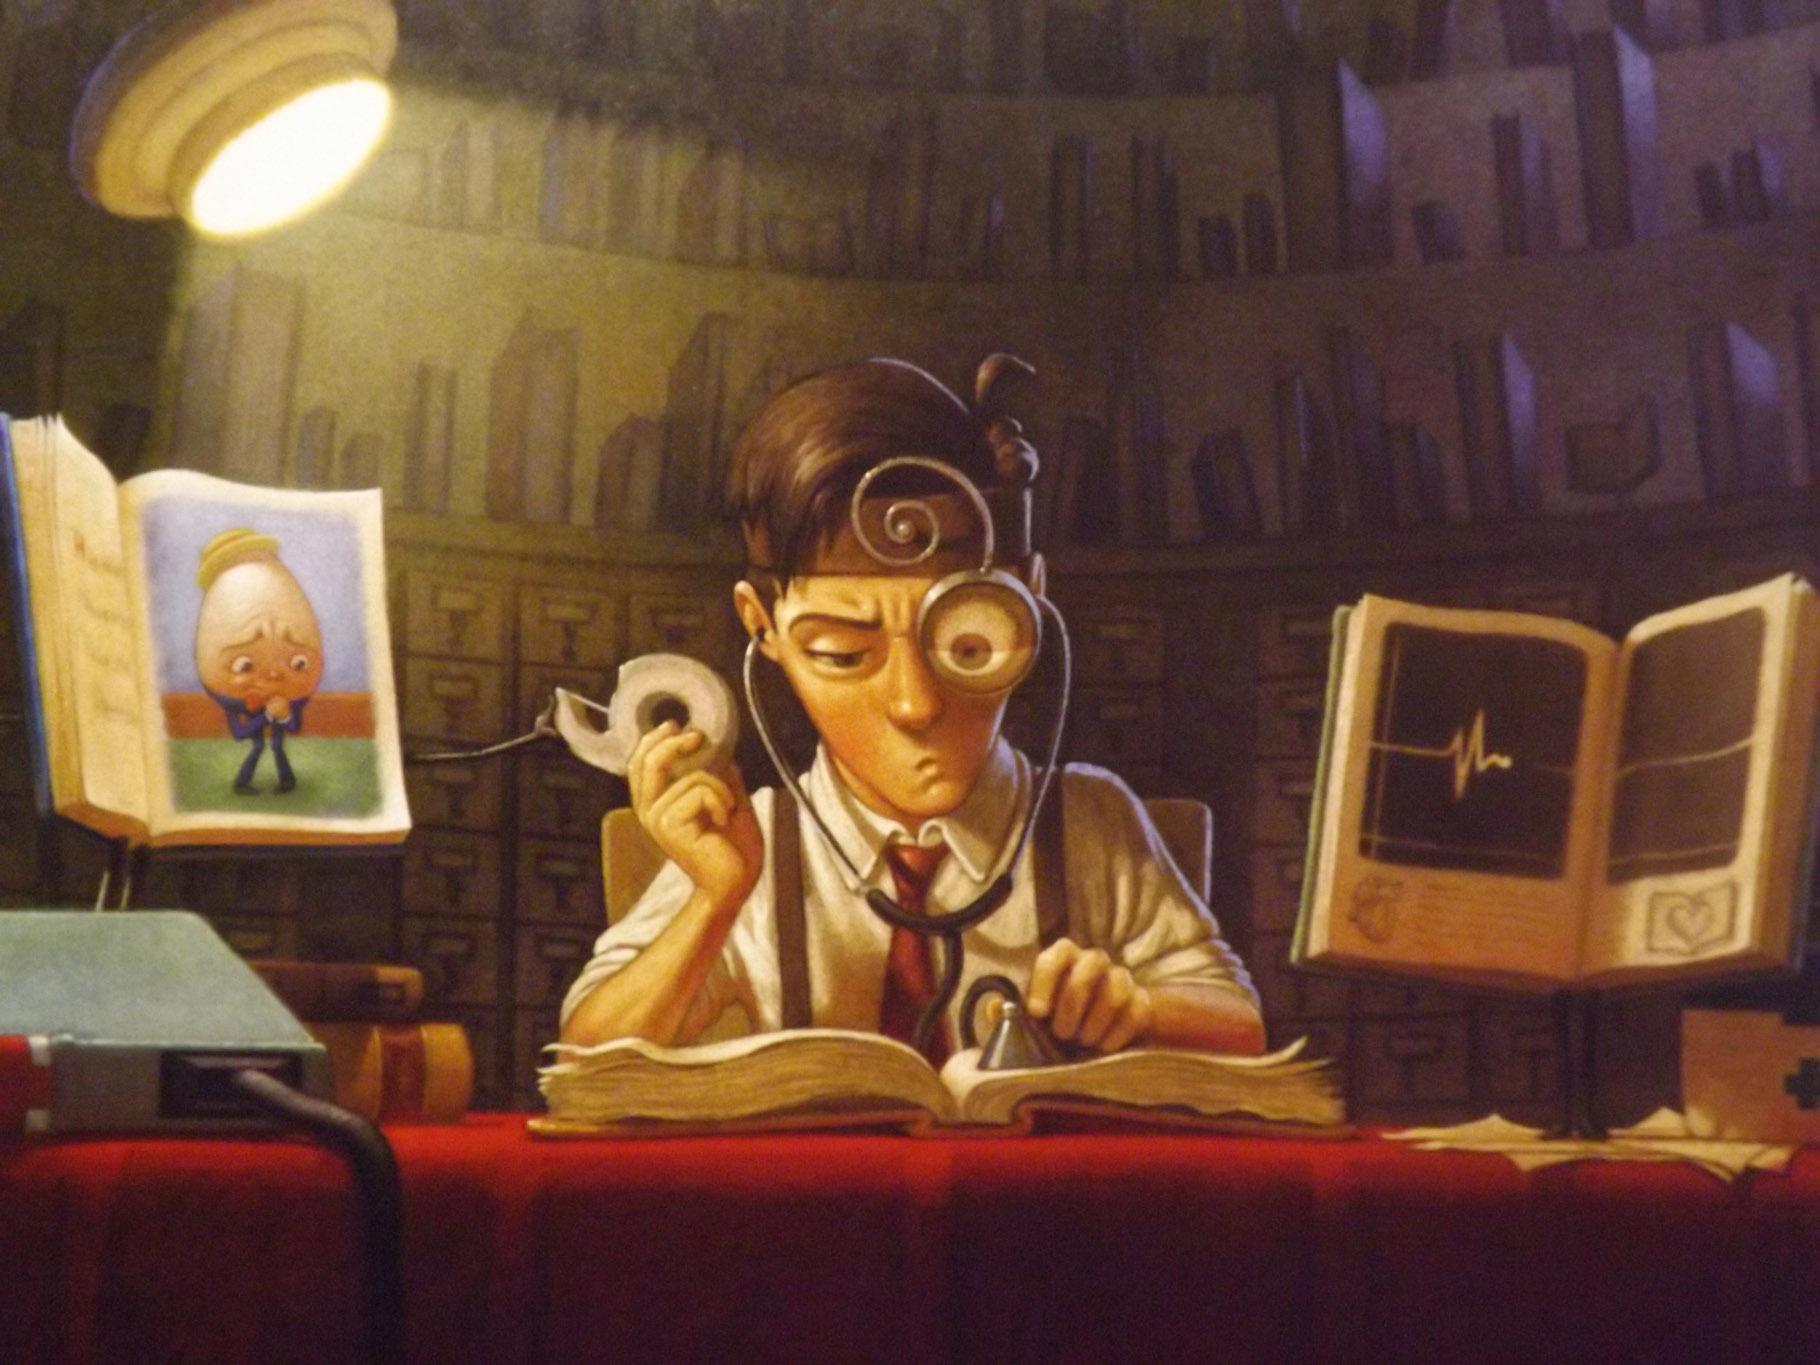 Morris Lessmore restaurando libros dañados